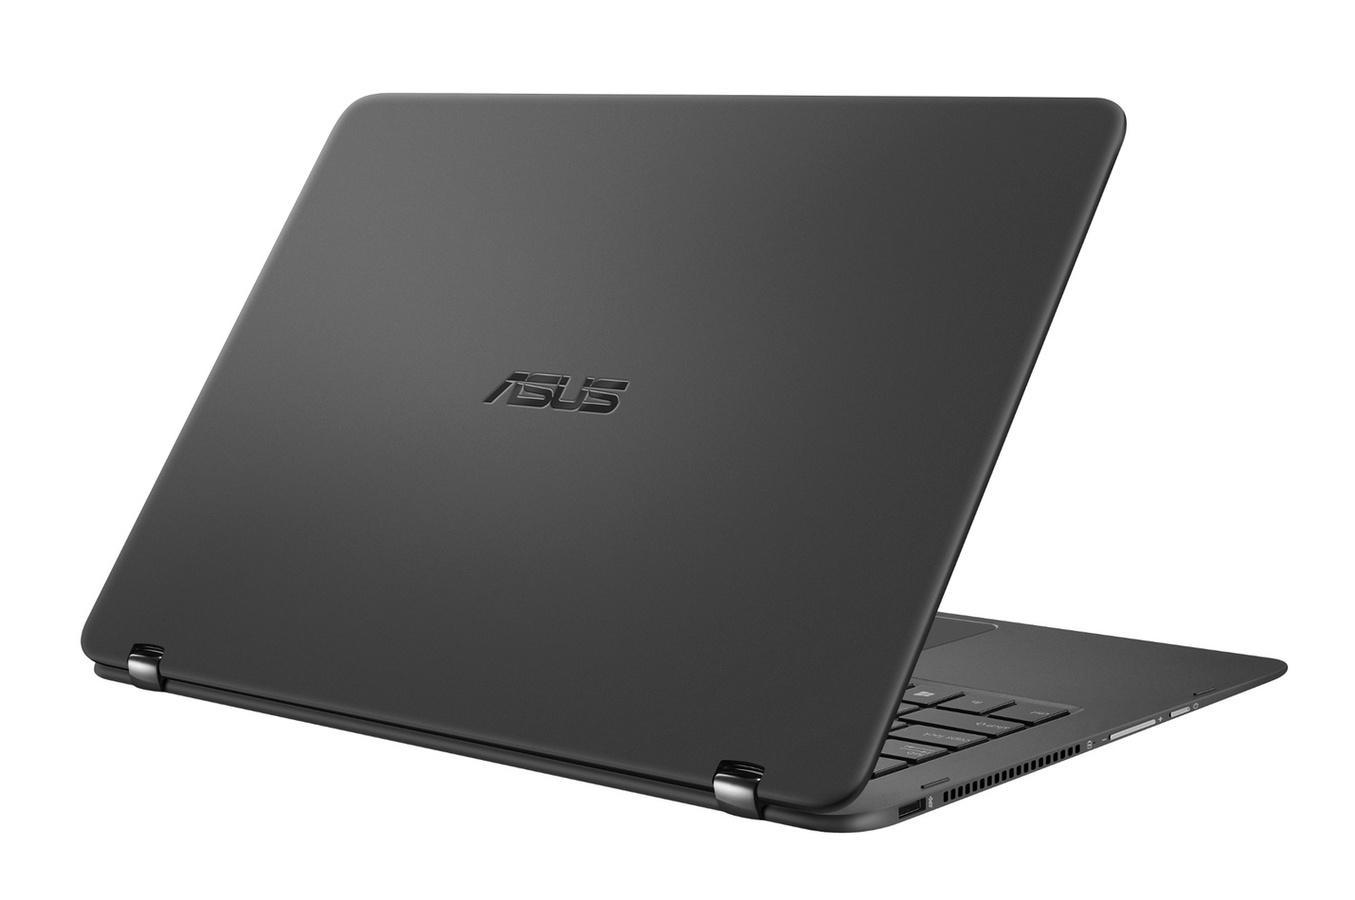 Ordinateur portable Asus Zenbook Flip UX360UAK-BB326T SSD tactile - photo 2